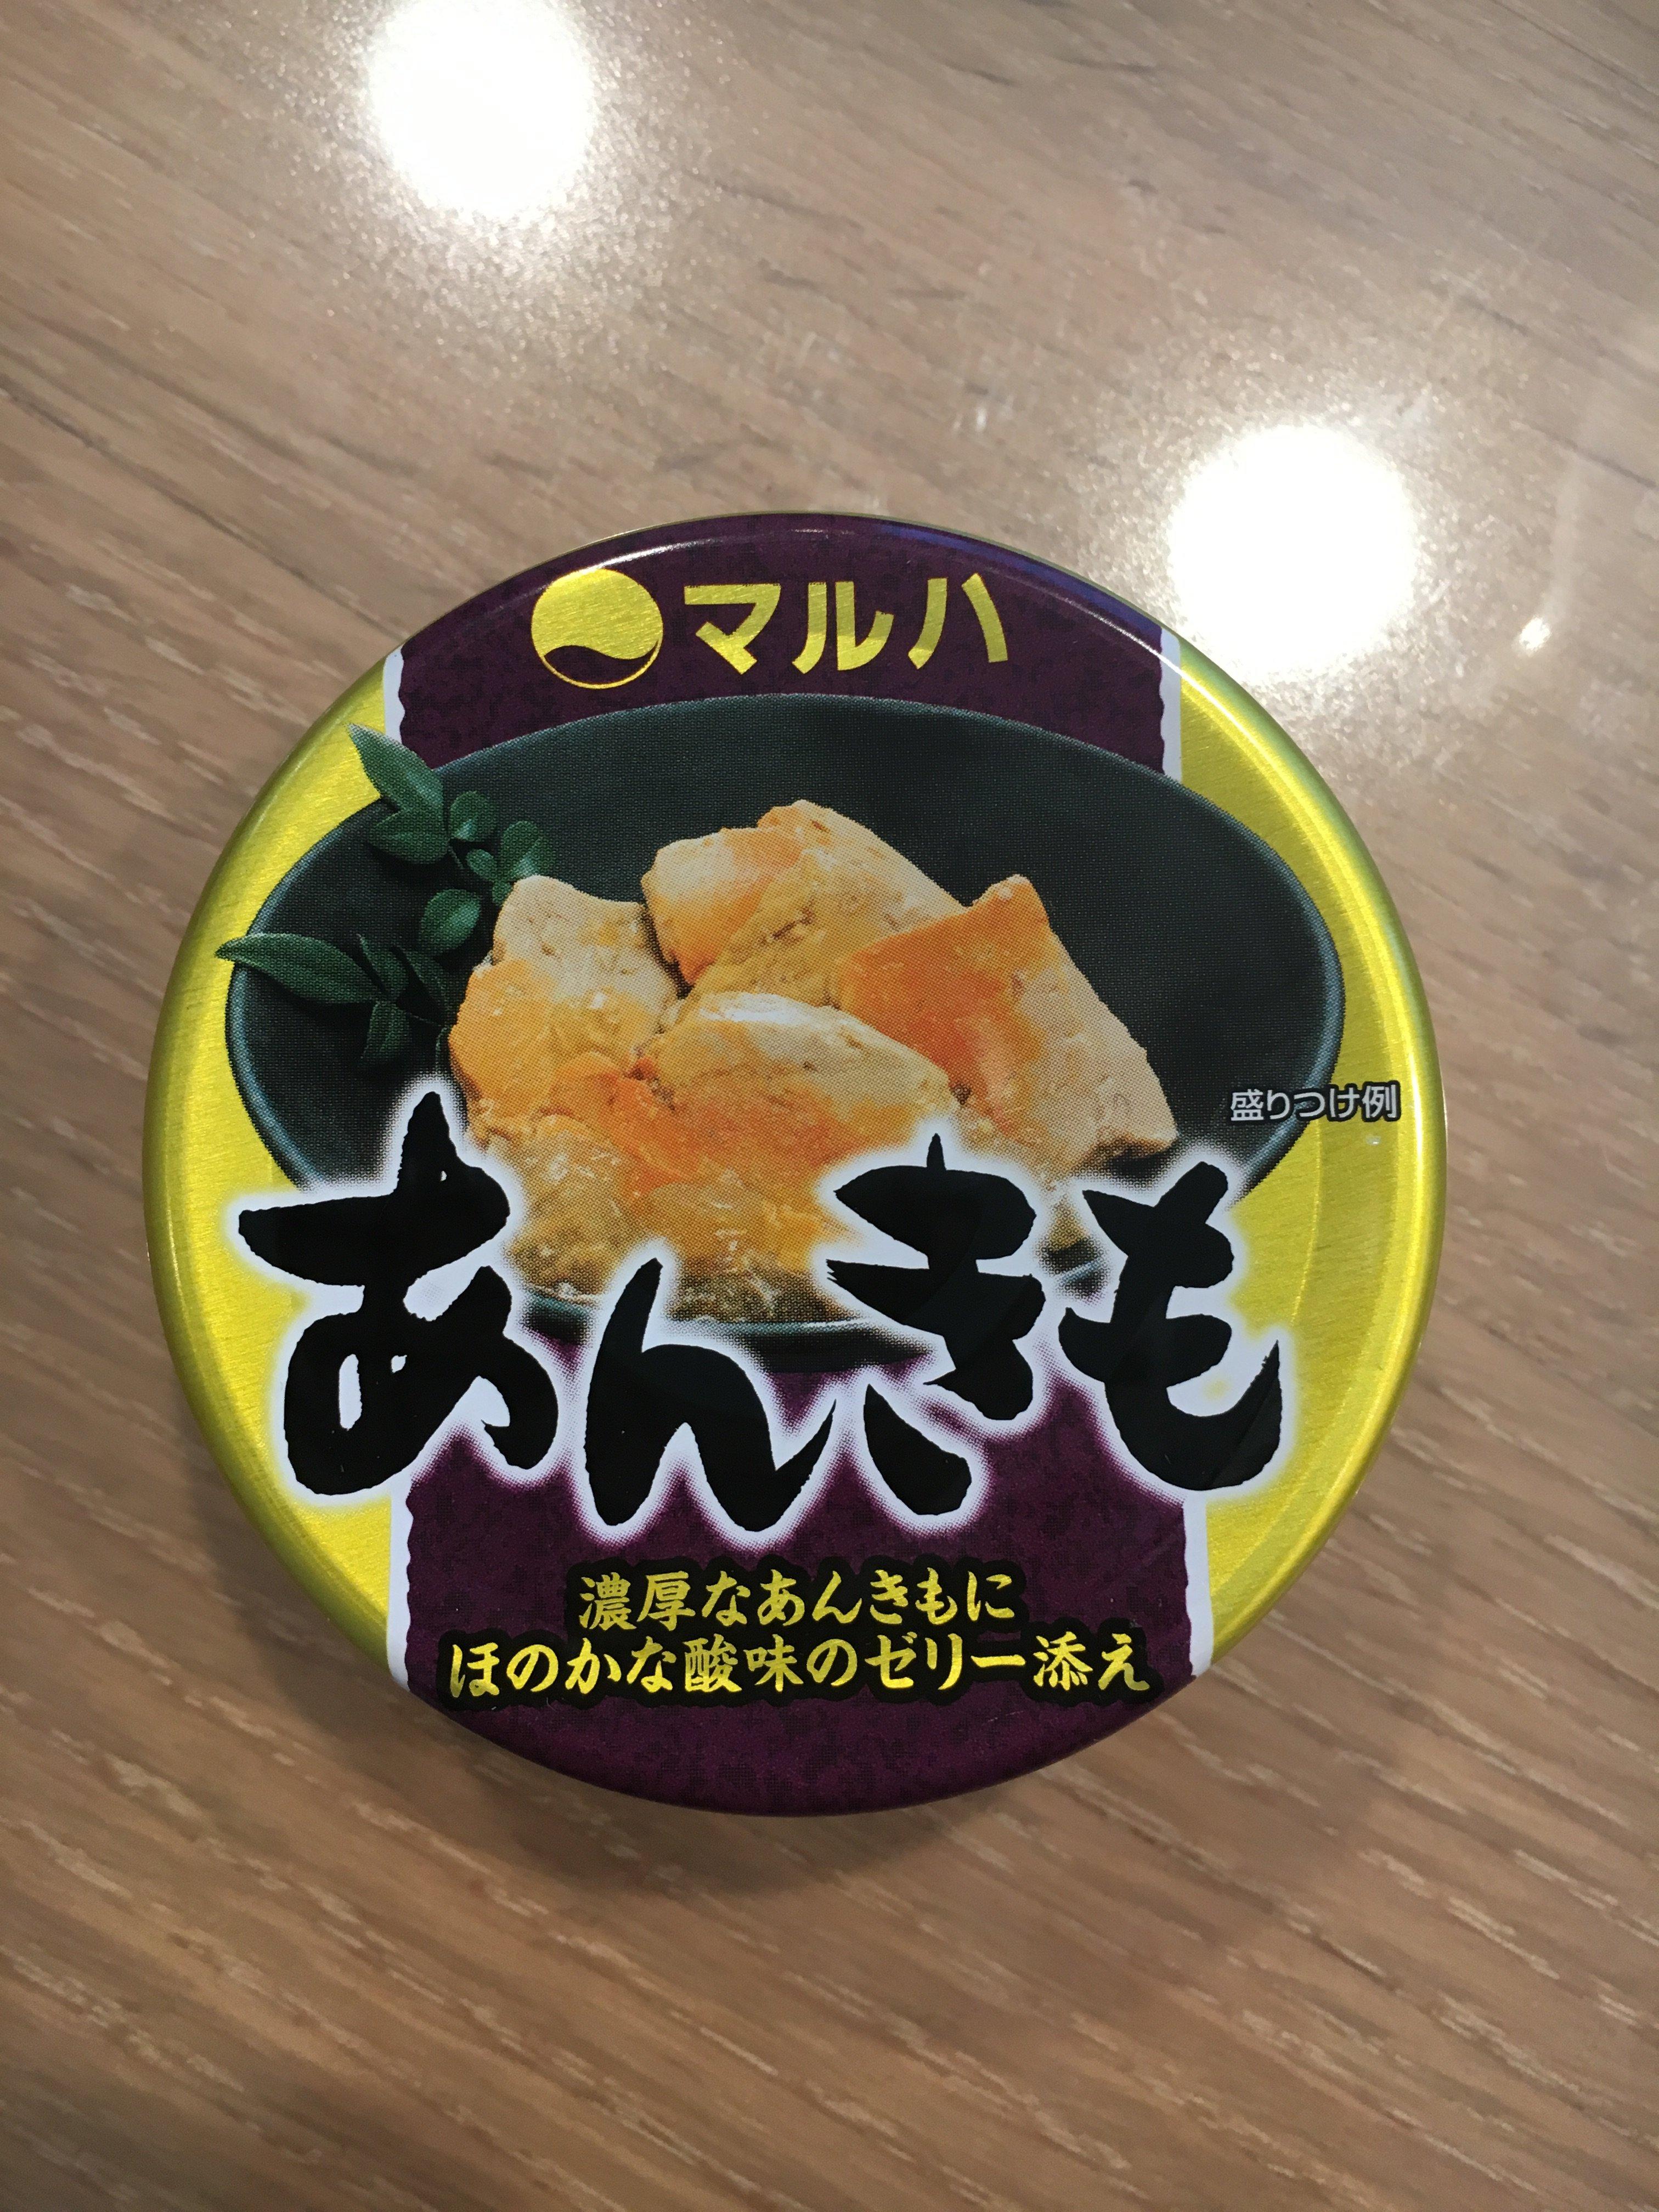 マルハ 缶詰 あんきも 濃厚なあんきもにほのかな酸味のゼリー添え これは美味しい